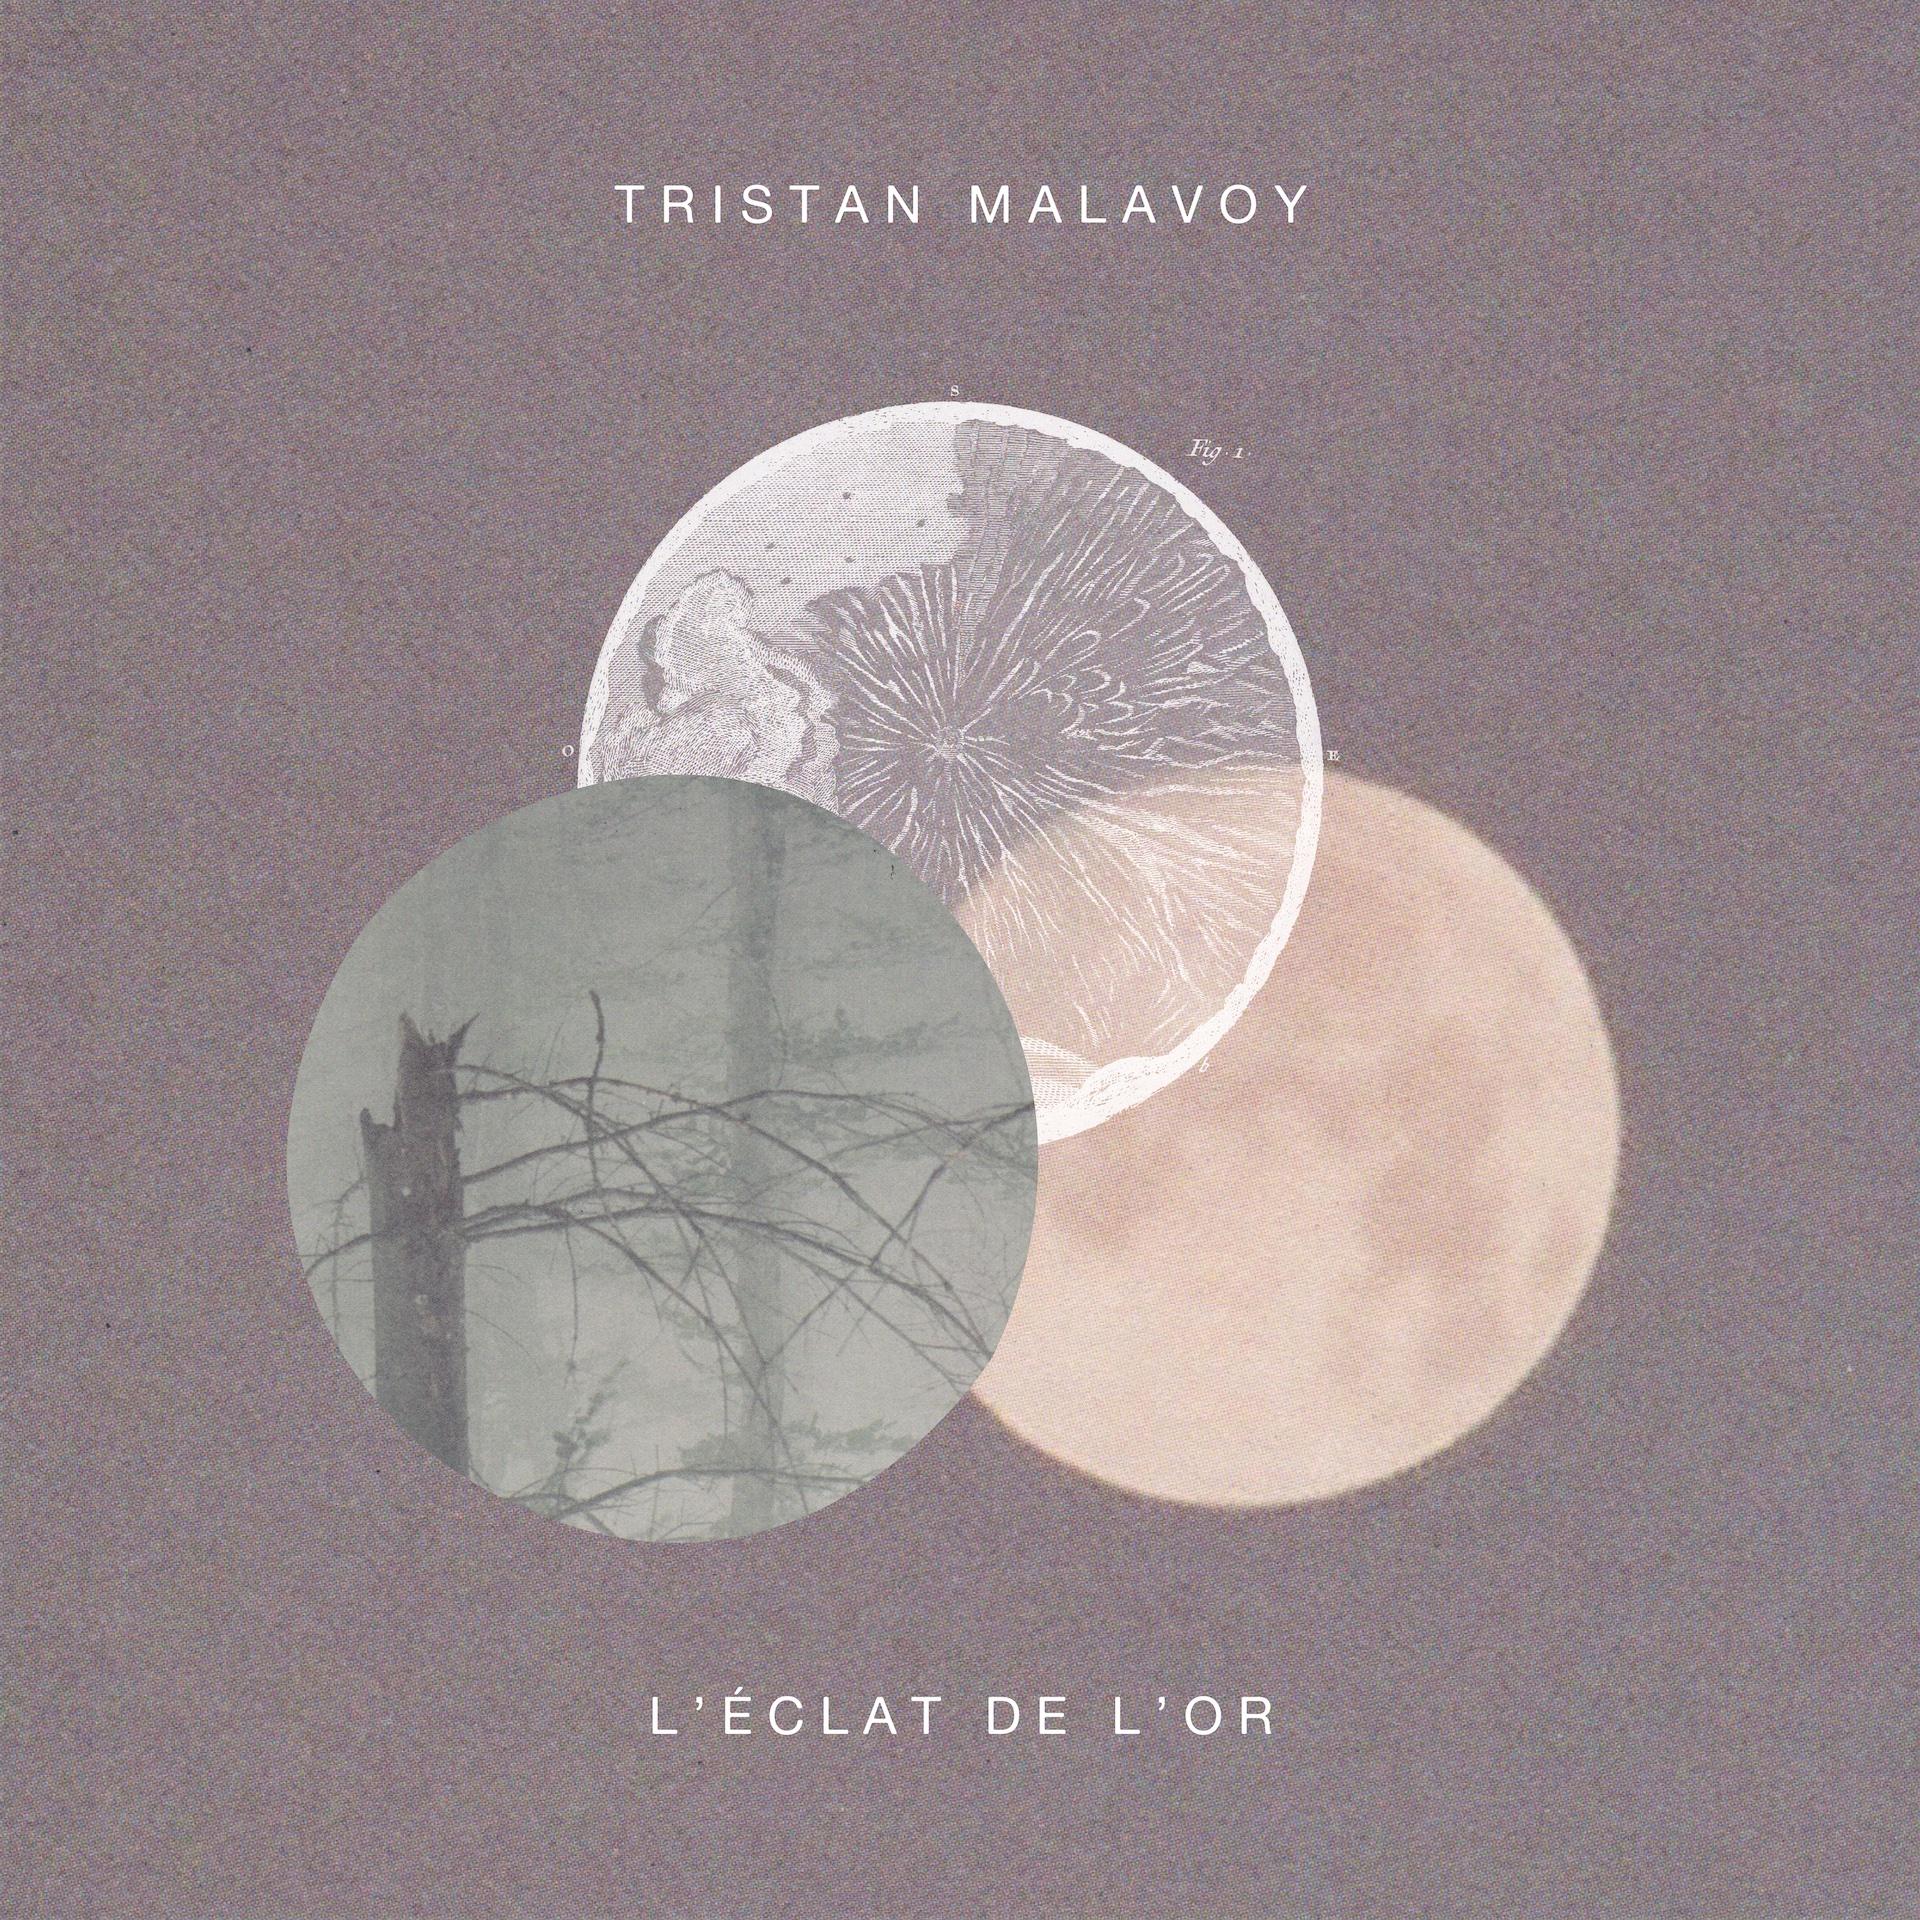 TRISTAN MALAVOY : Nouvel EP L'éclat de l'or maintenant disponible